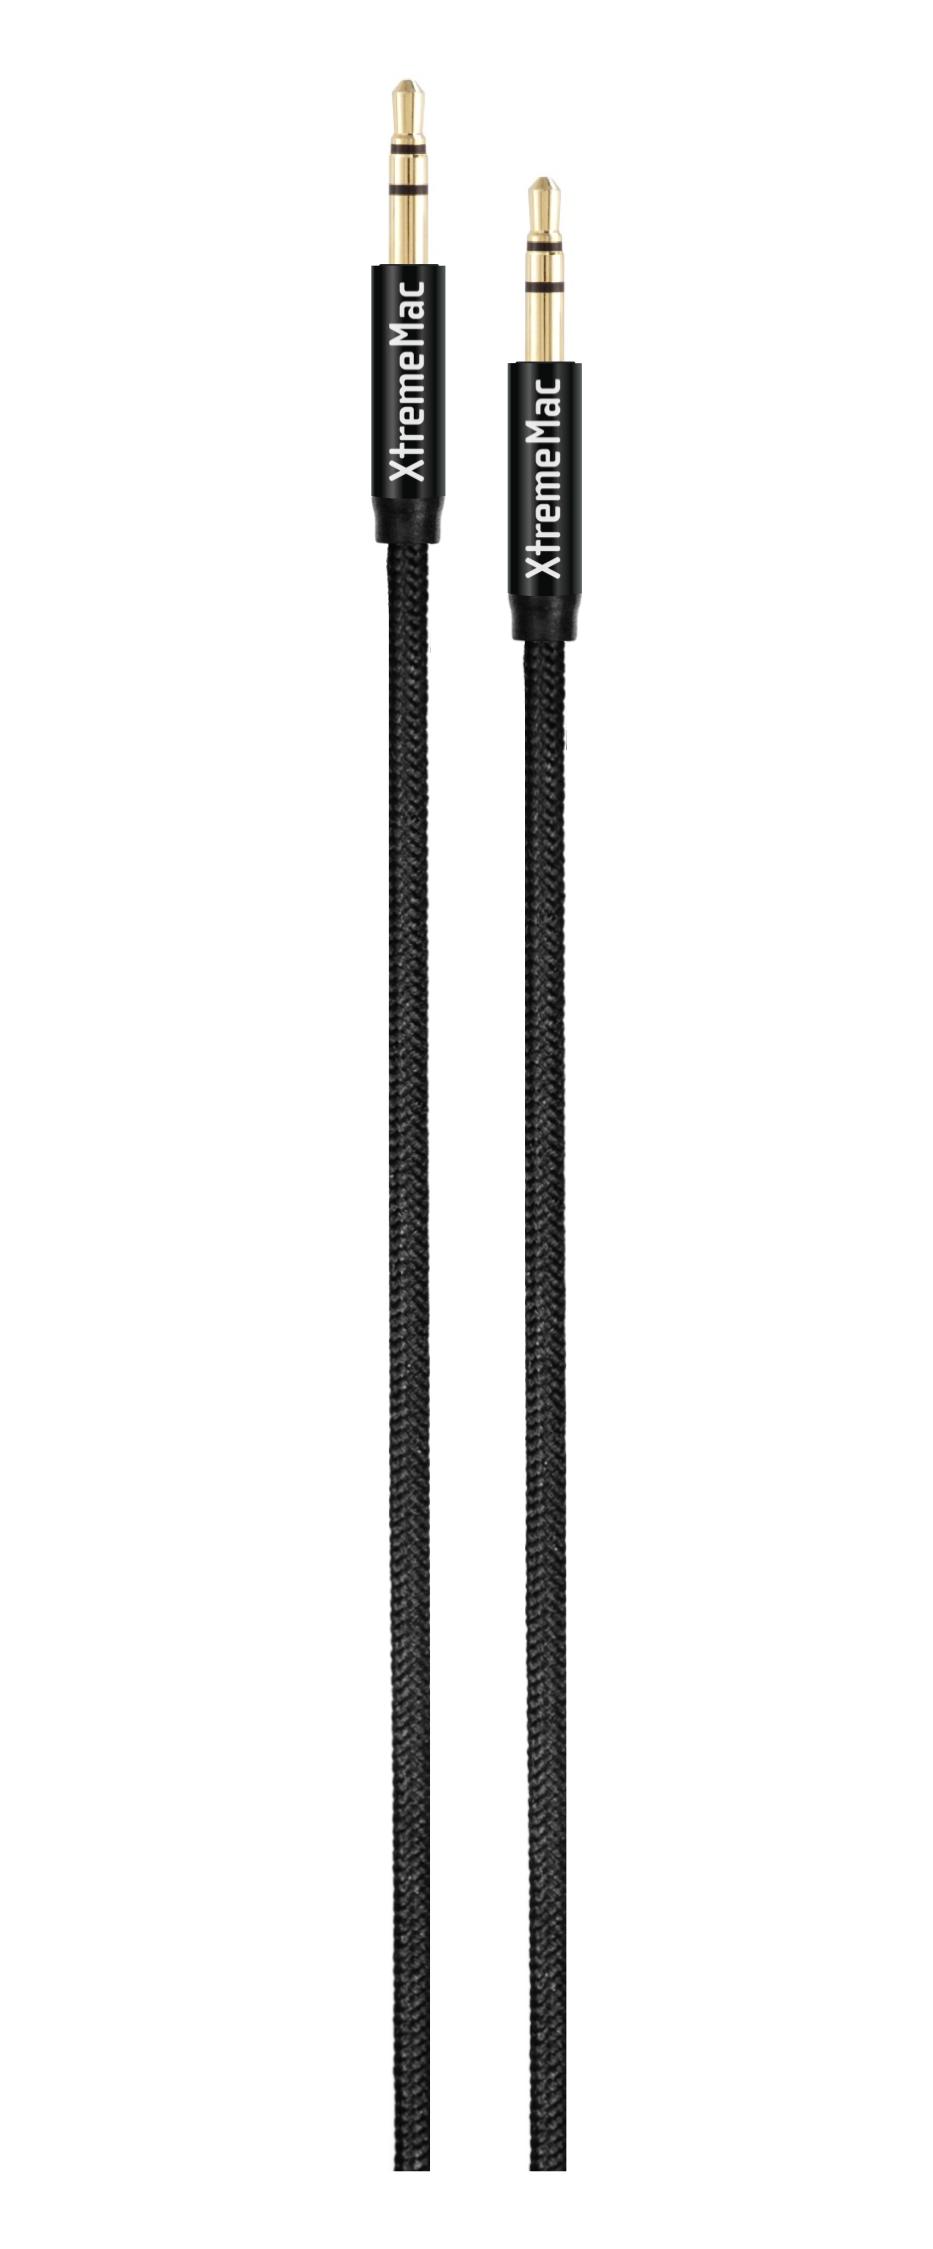 Aux cable, nylon, super resistant, 1,5m, black